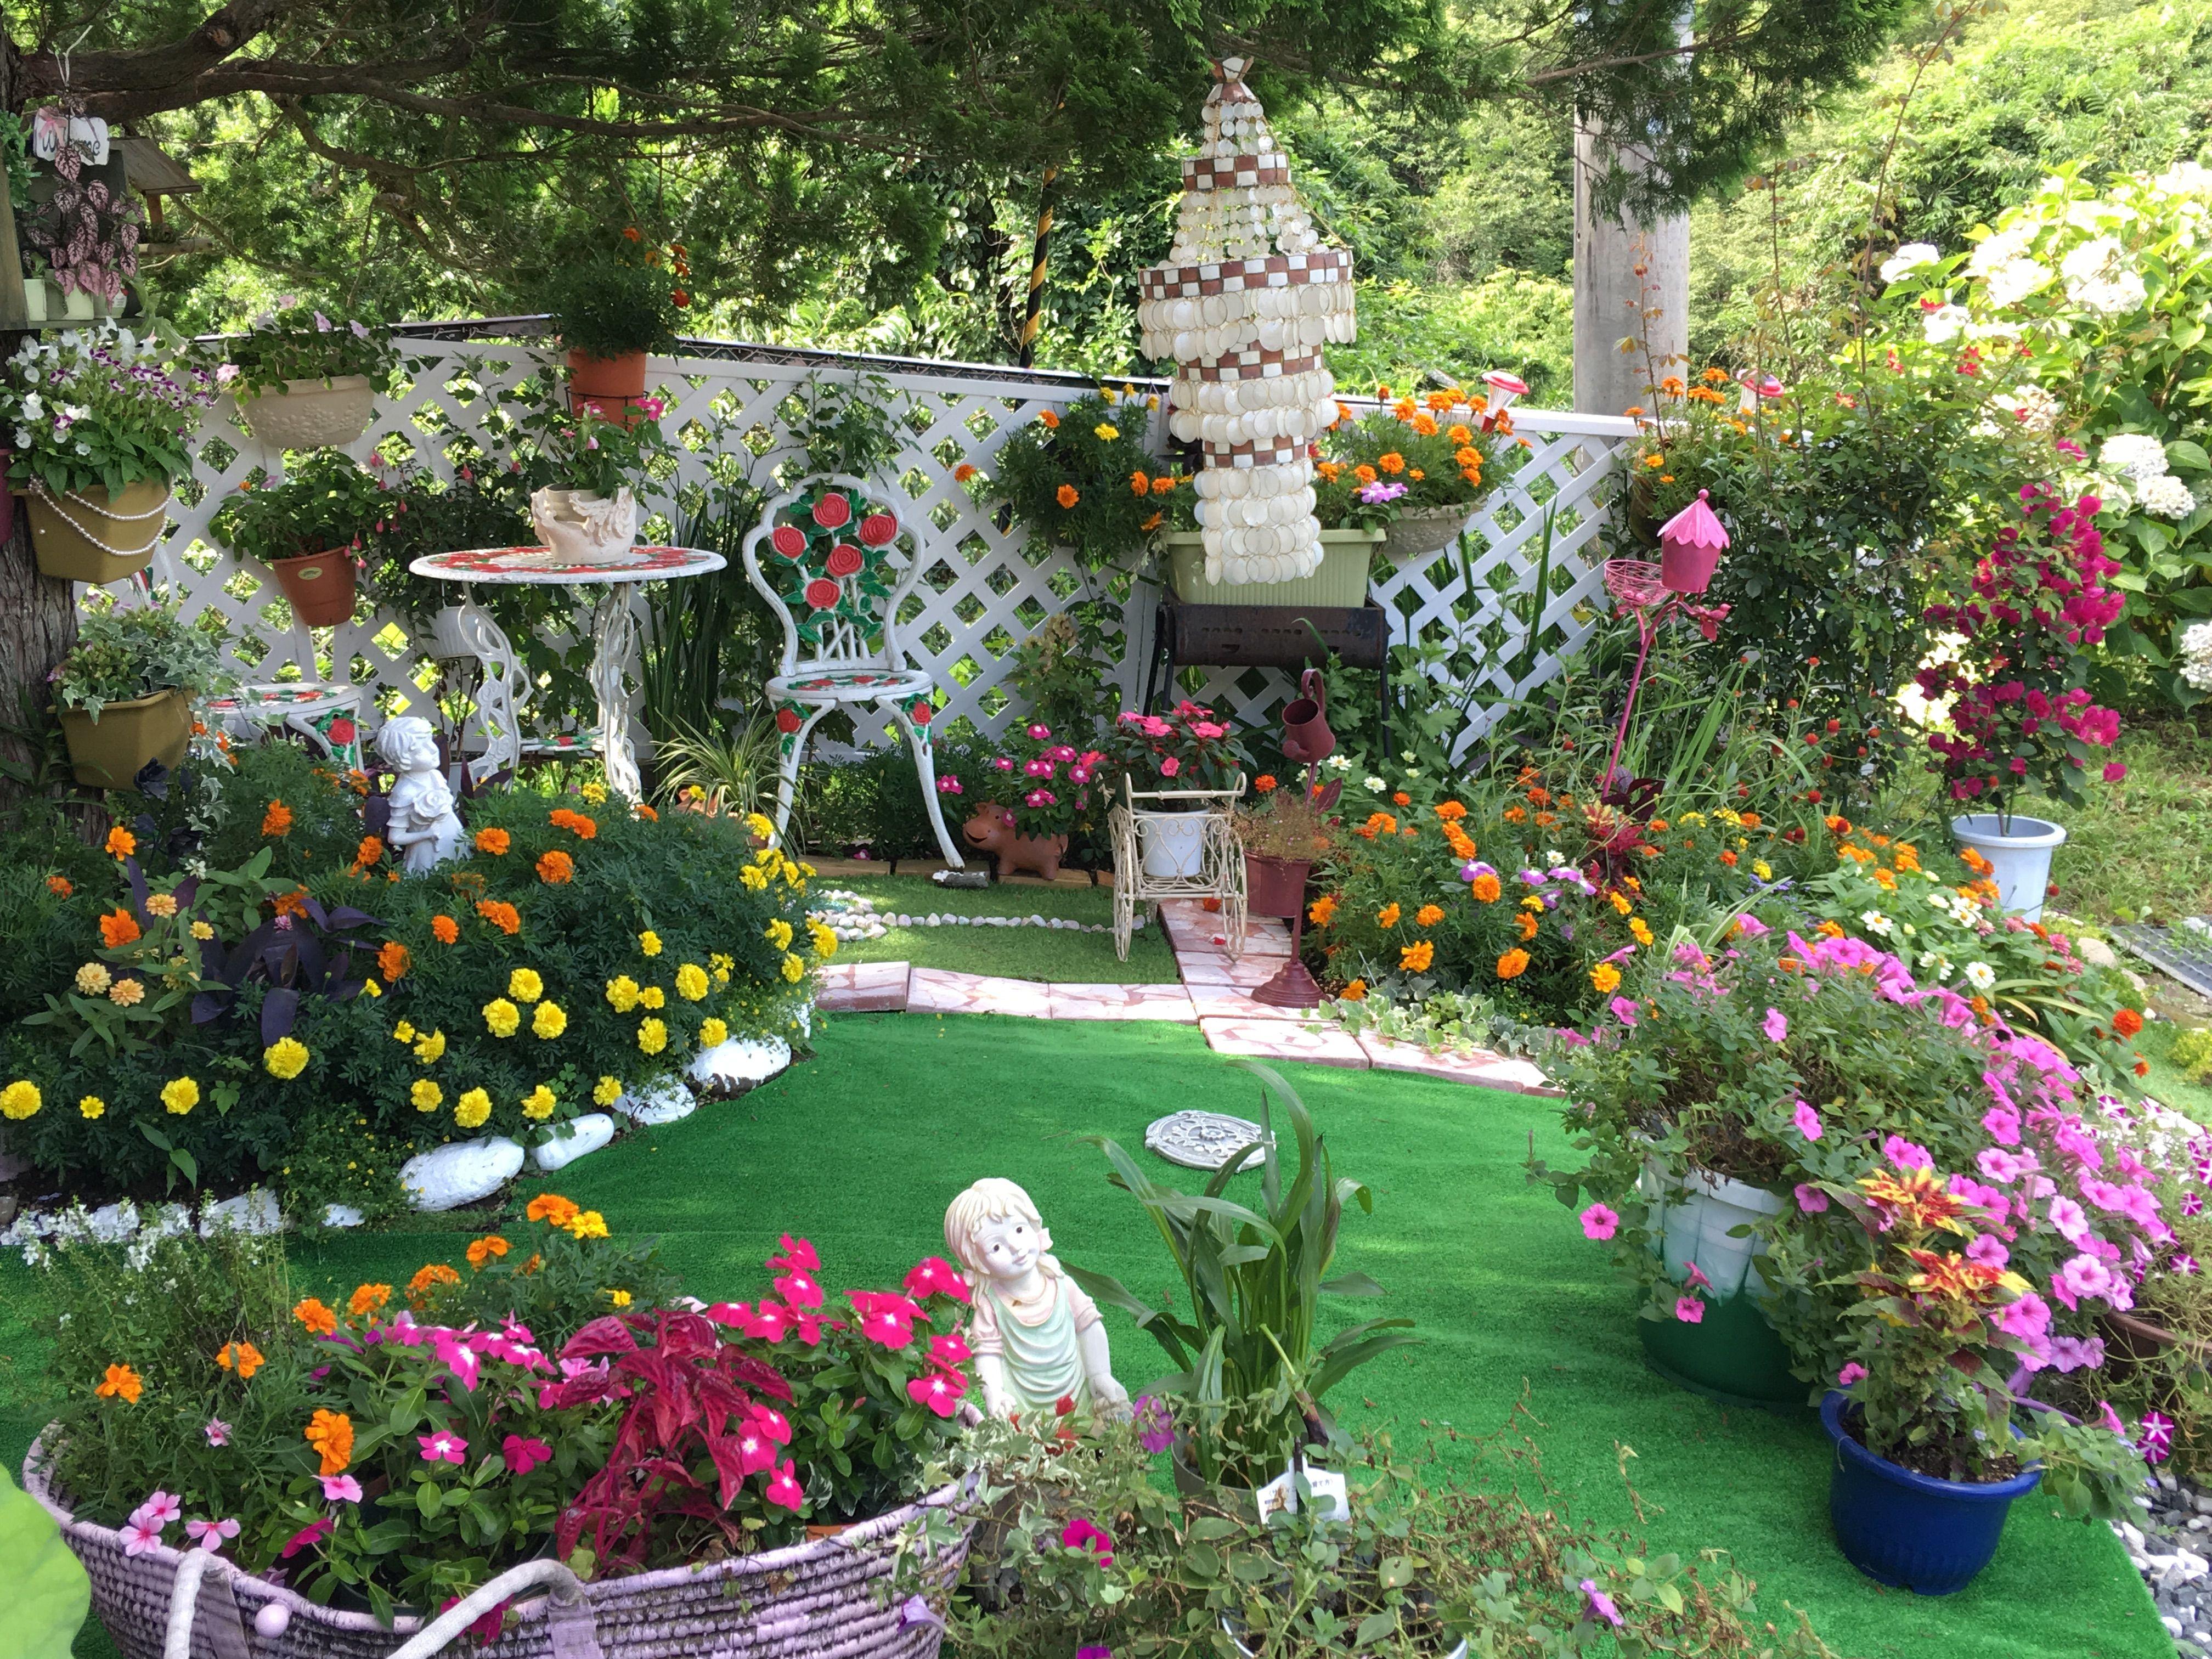 Pin by Arzu on ландшафтный дизайн | Pinterest | Gardens, Garden ...